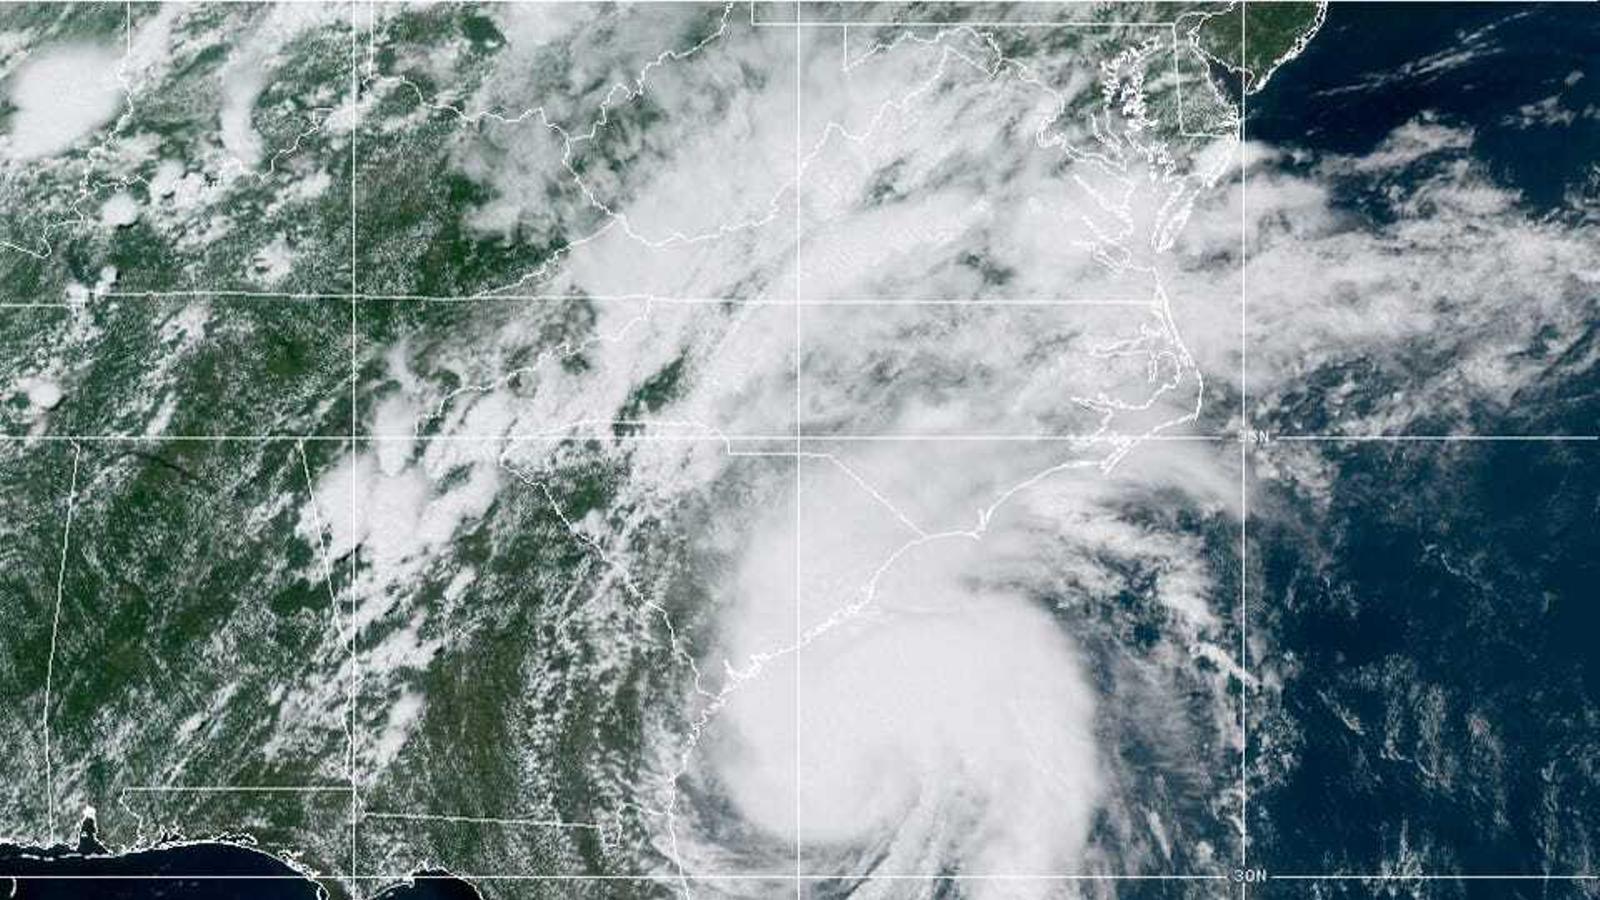 L'huracà 'Isaias' toca terra als Estats Units amb vents de 140 km/h